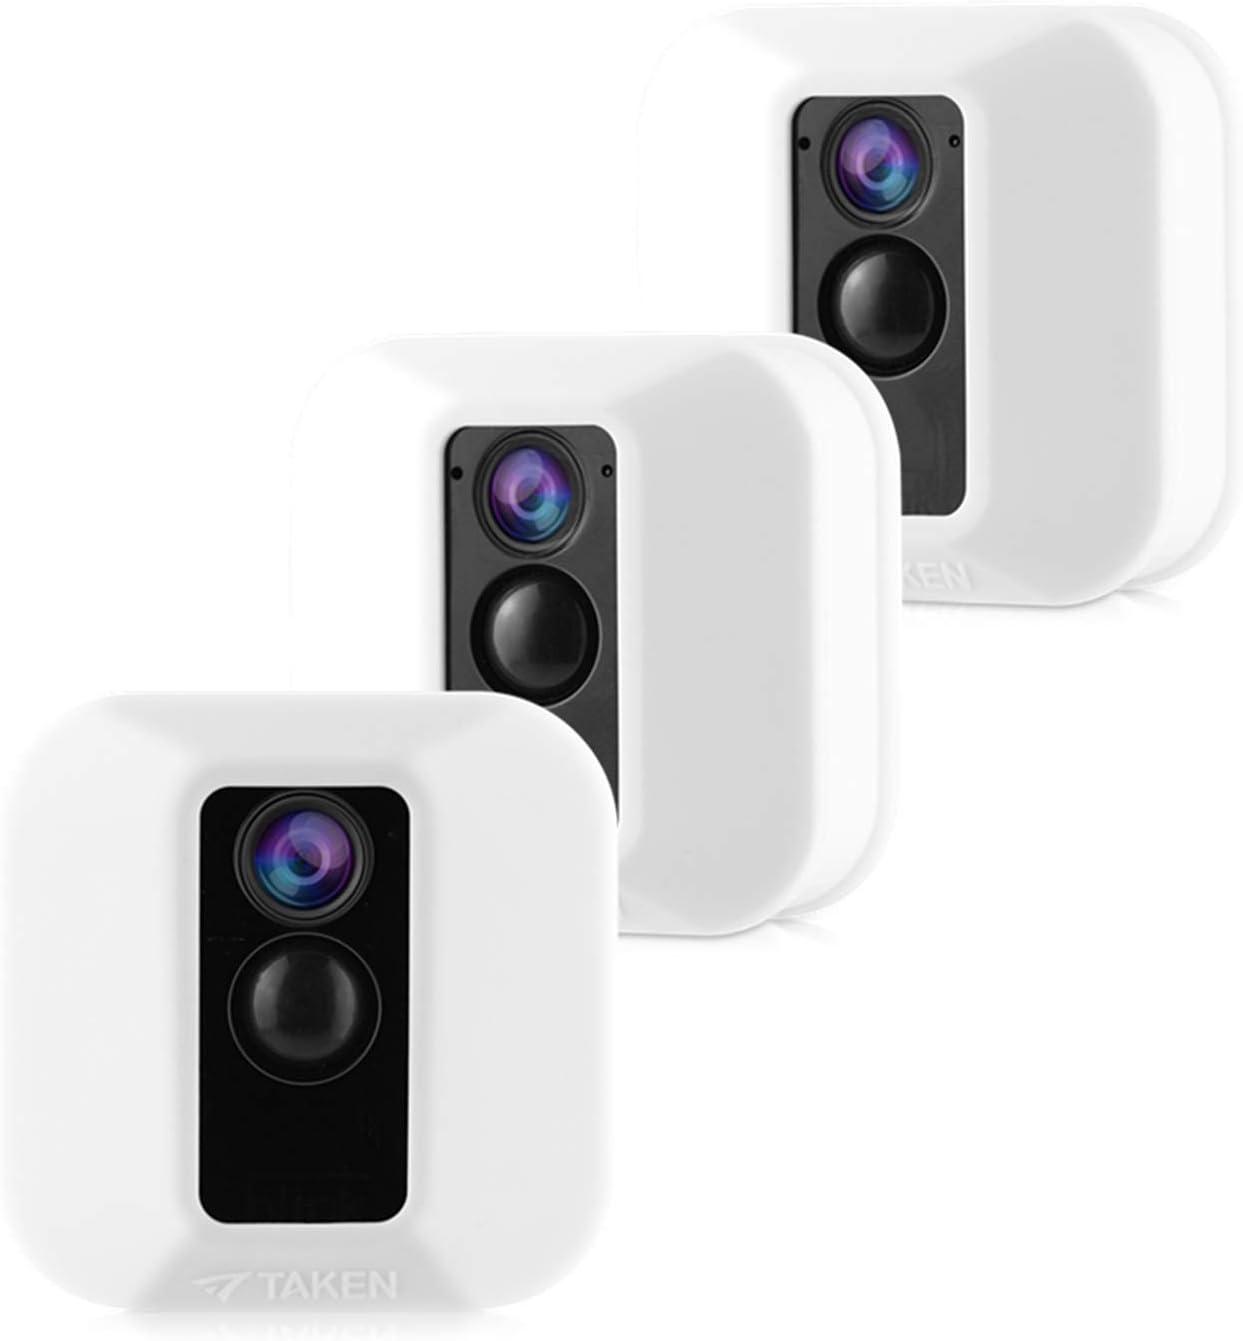 Tyrone Schutzhülle Aus Silikon Kompatibel Mit Blink Xt Kameras Camouflage Schutzhülle Für Blink Xt Outdoor Home Security Kamera Zubehör Weiß 3 Stück Elektronik